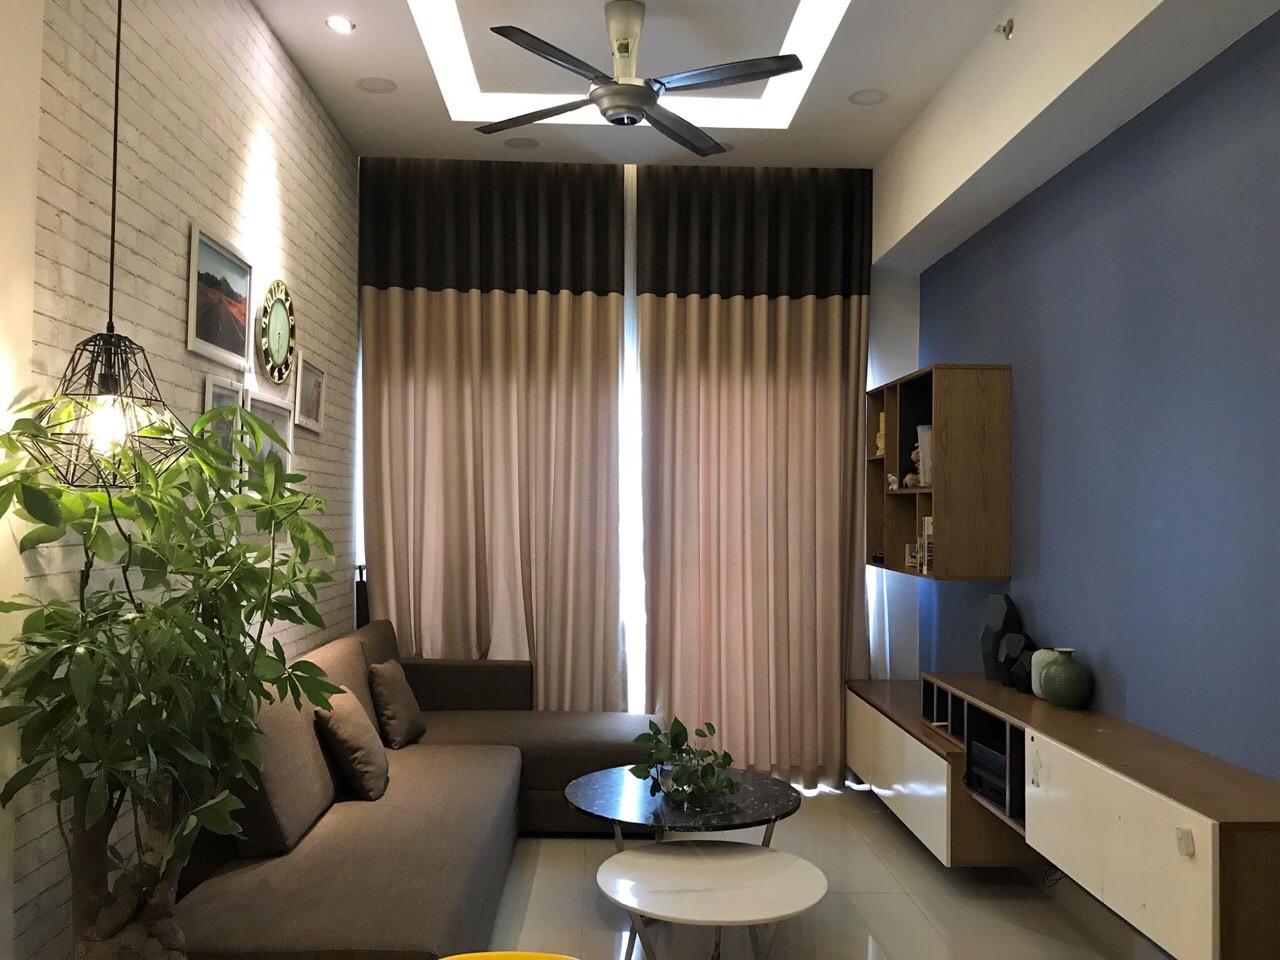 Căn hộ Carilon 2, thiết kế tinh tế, nội thất sang trọng